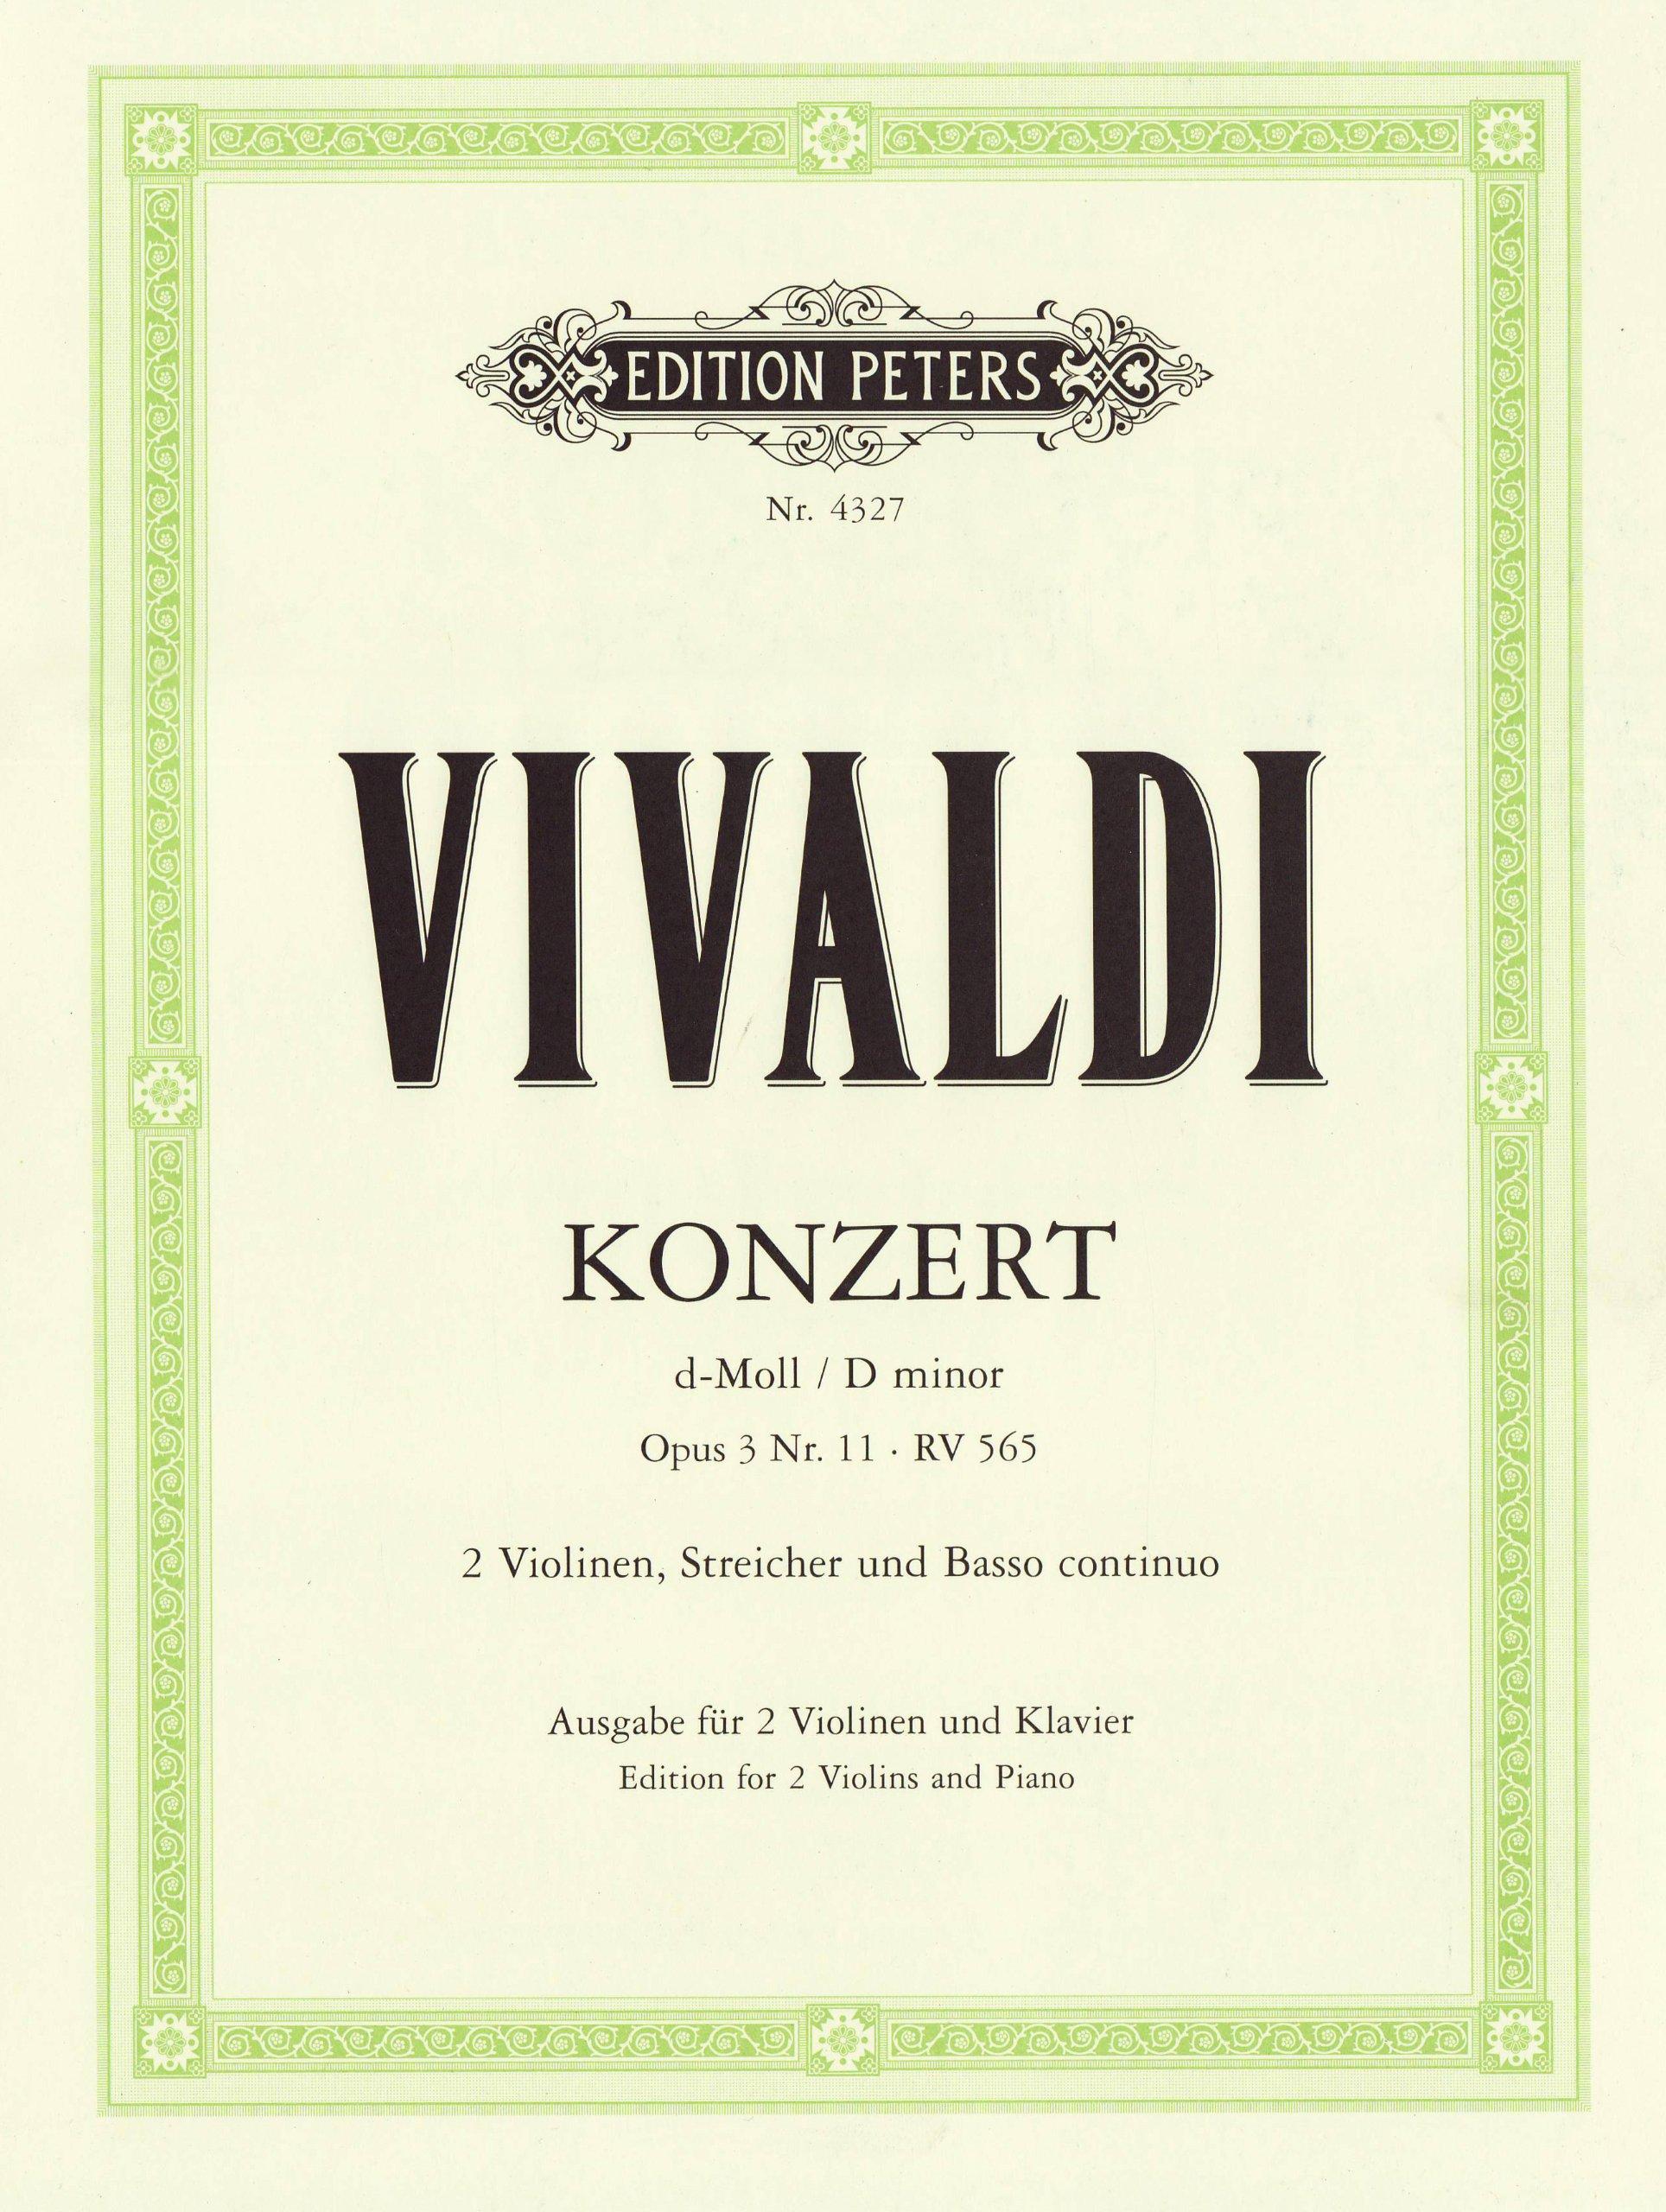 Konzert für 2 Violinen, Streicher und Basso continuo d-moll op. 3 Nr. 11 RV 565: aus